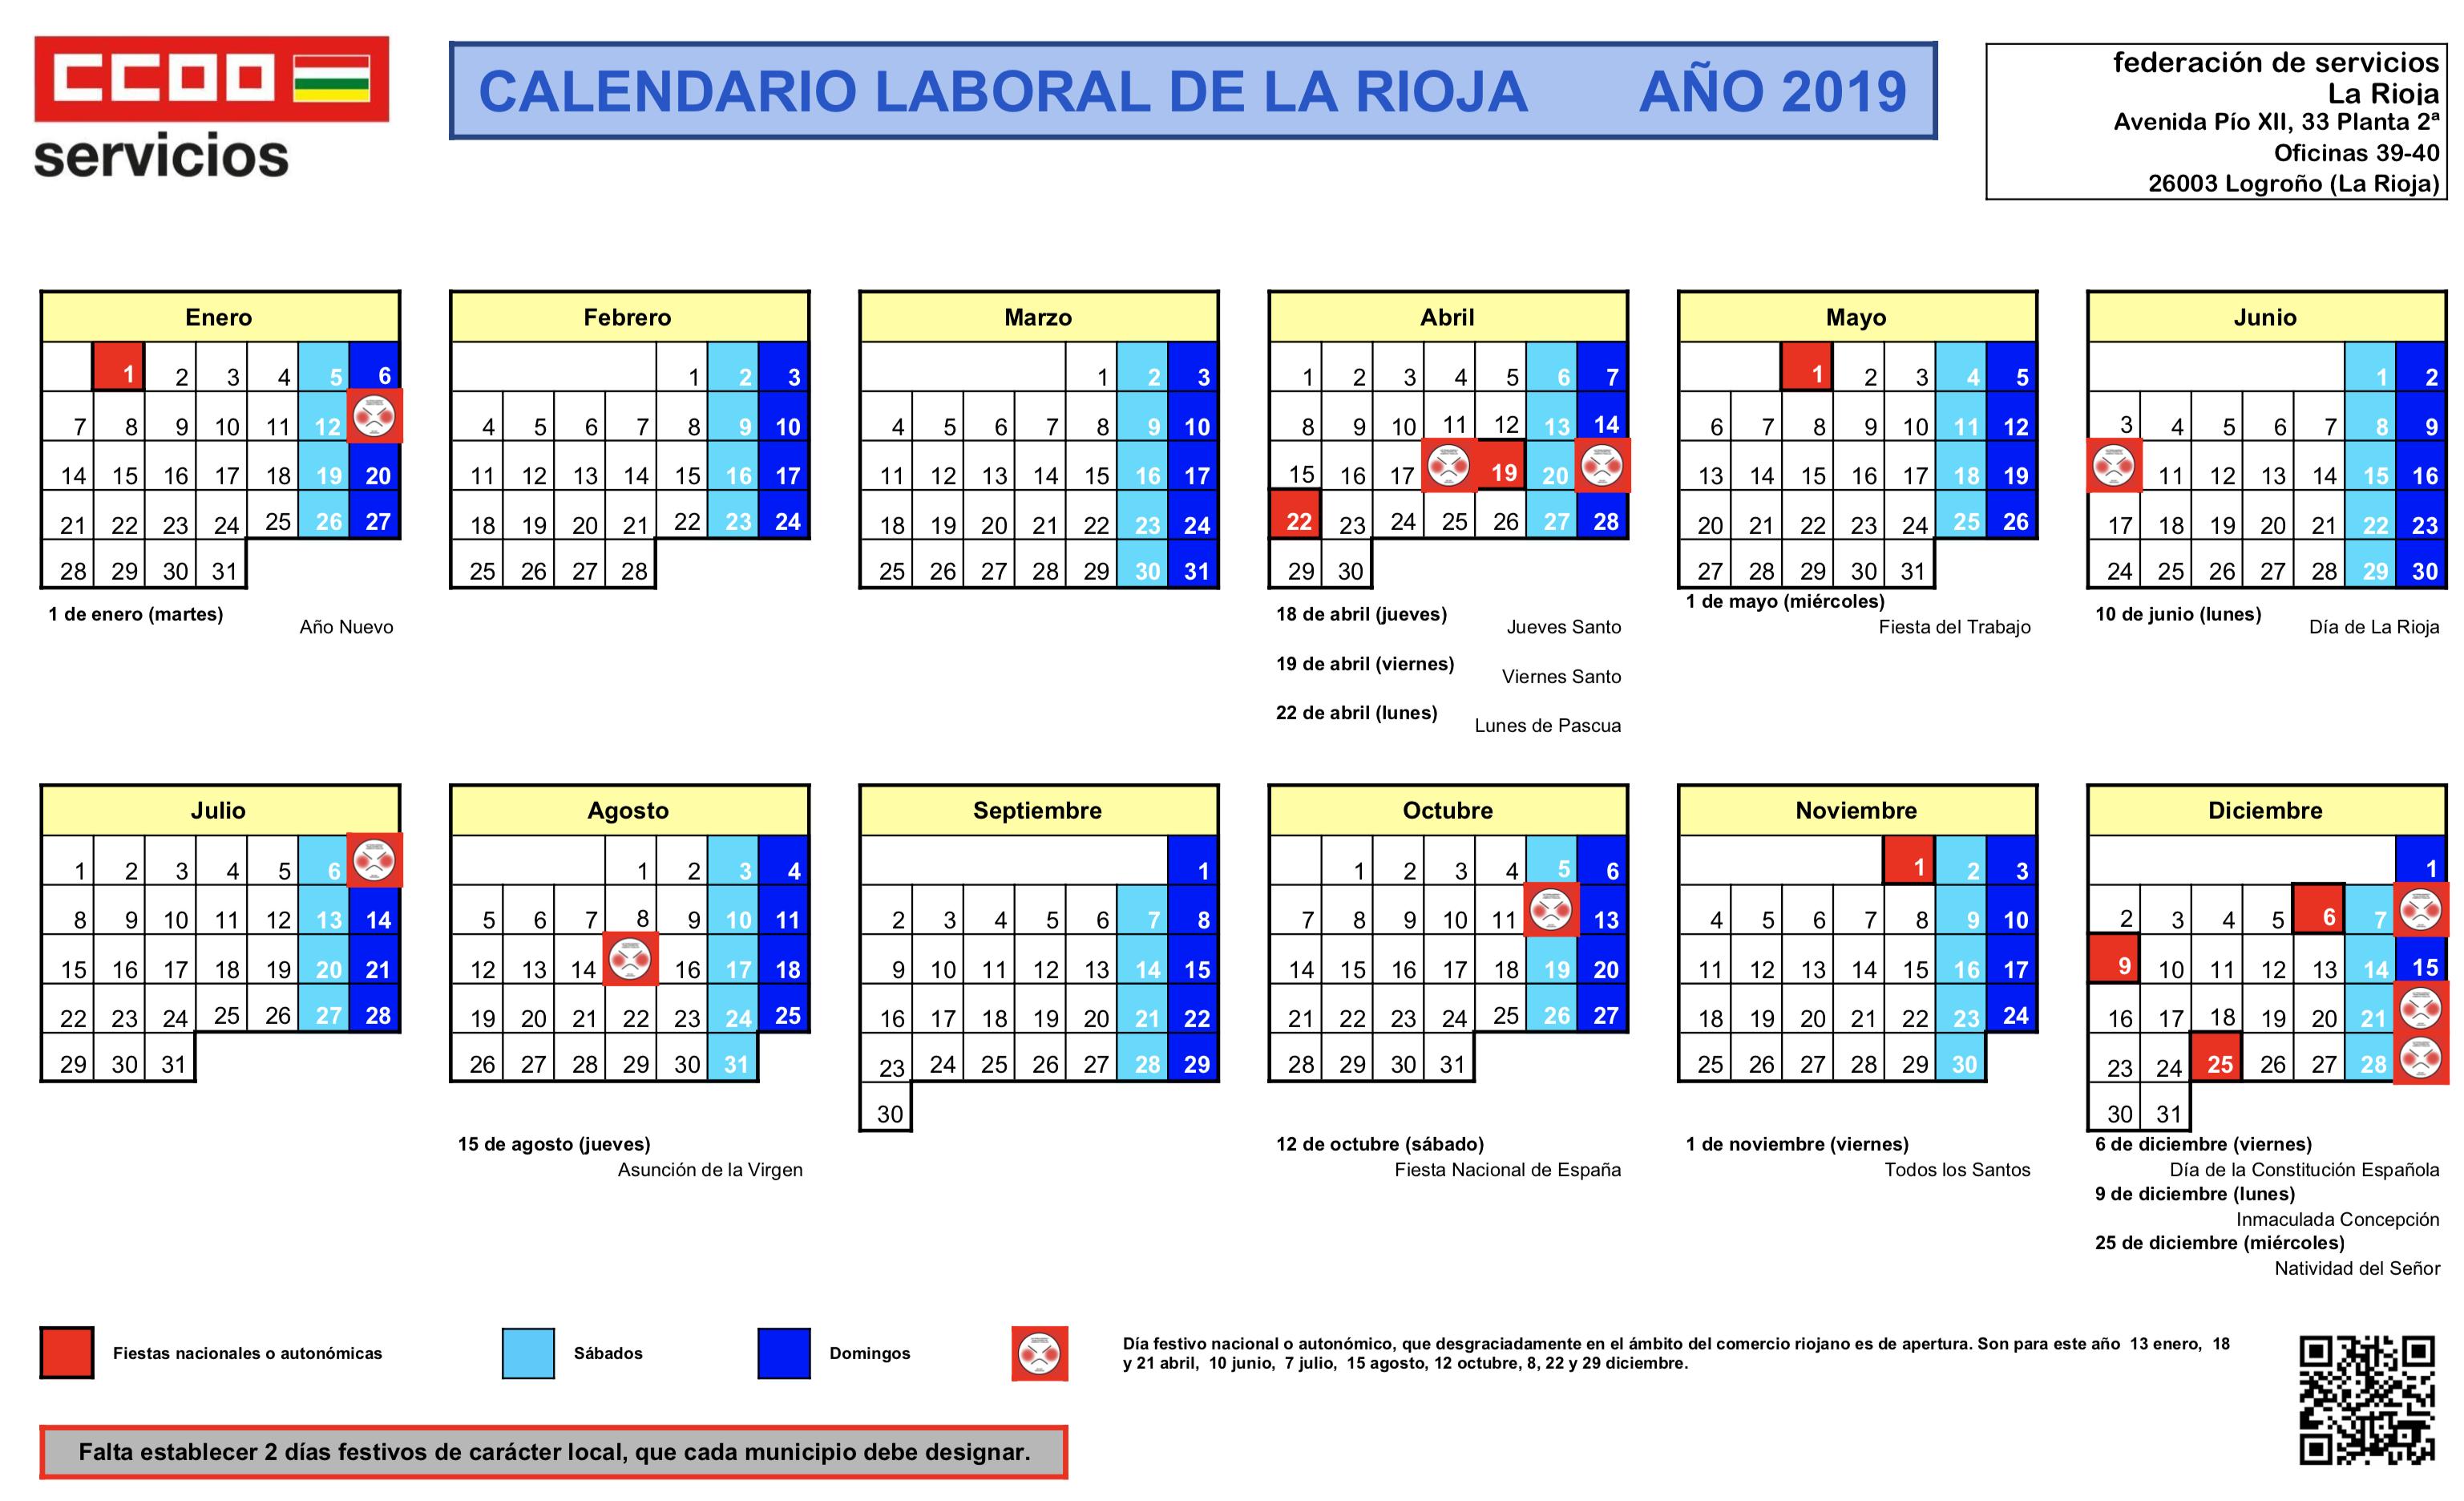 calendario laboral 2019 la rioja